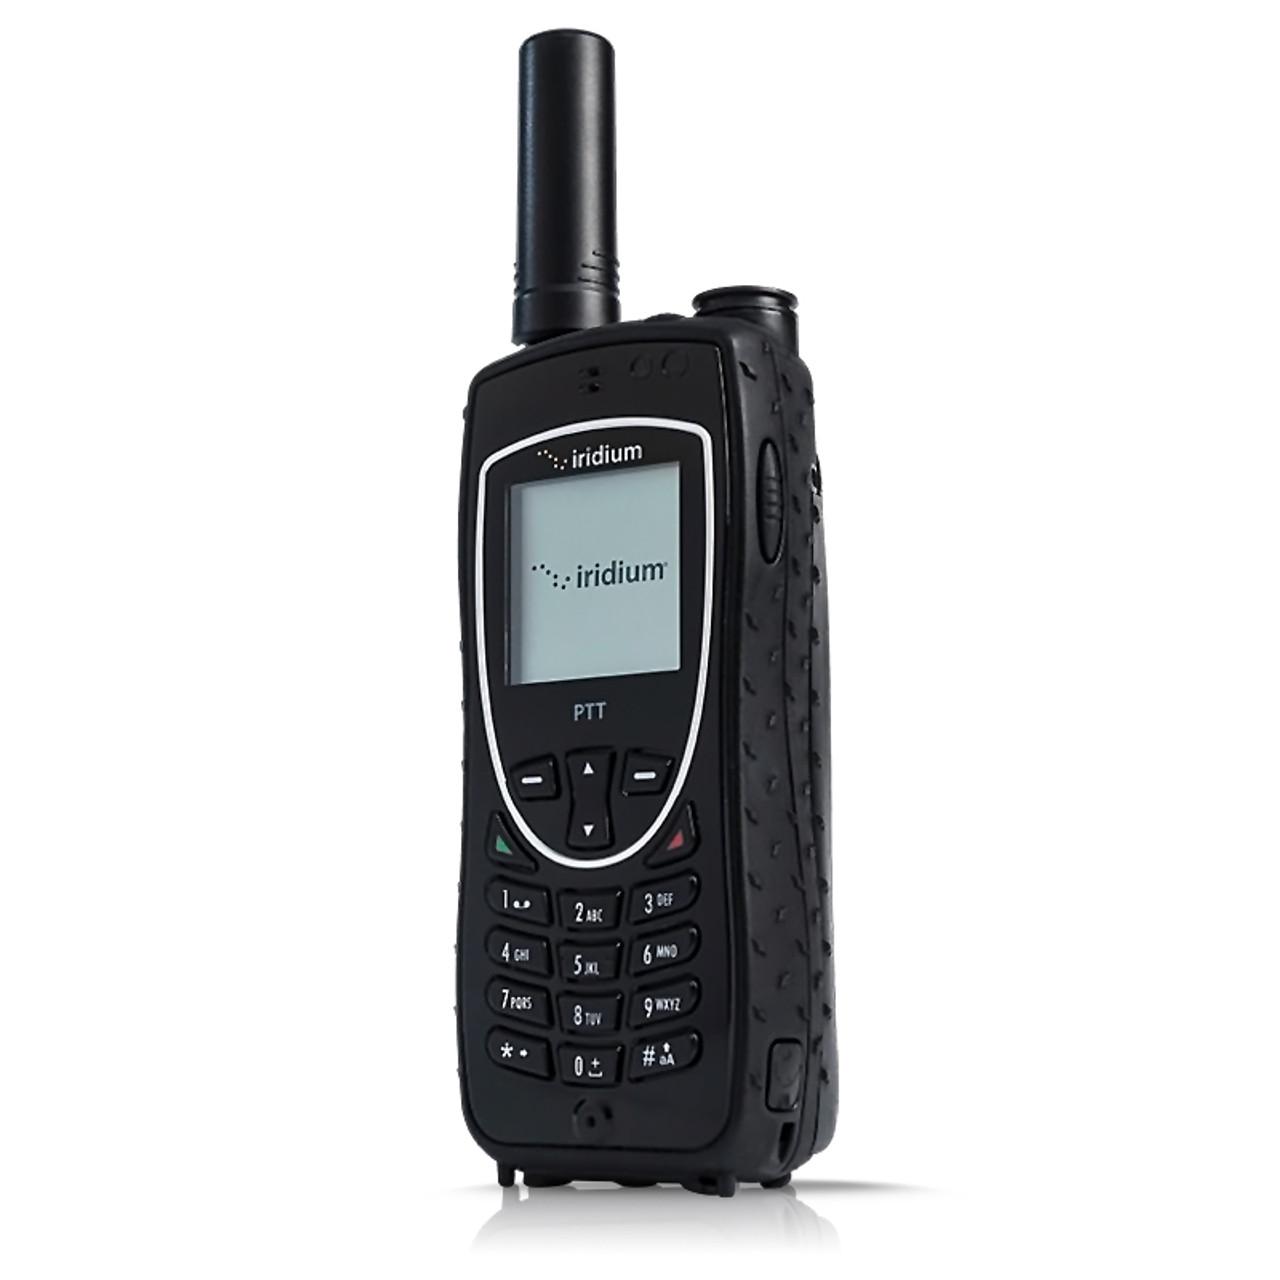 Iridium Satellite Phone >> Iridium Extreme Ptt Push To Talk Satellite Phone